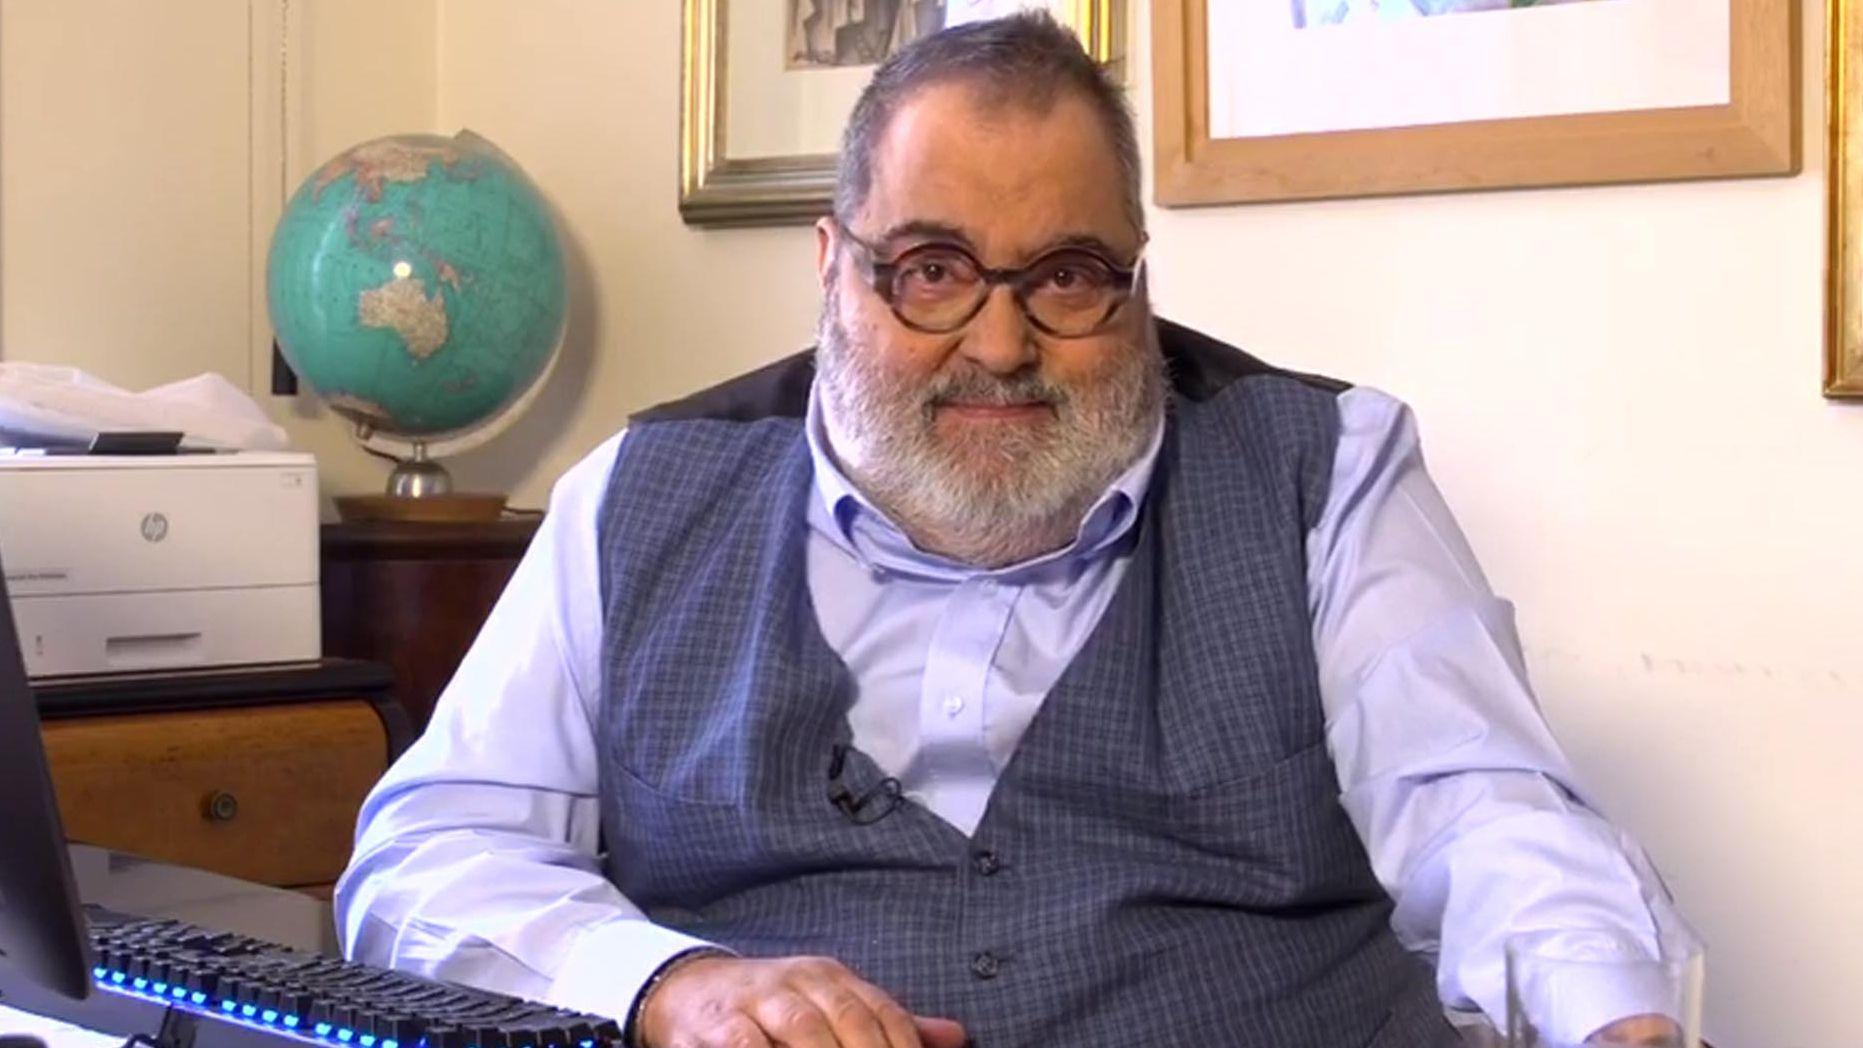 Jorge Lanata cuestionó la autoridad de Alberto Fernández dentro del Gobierno.